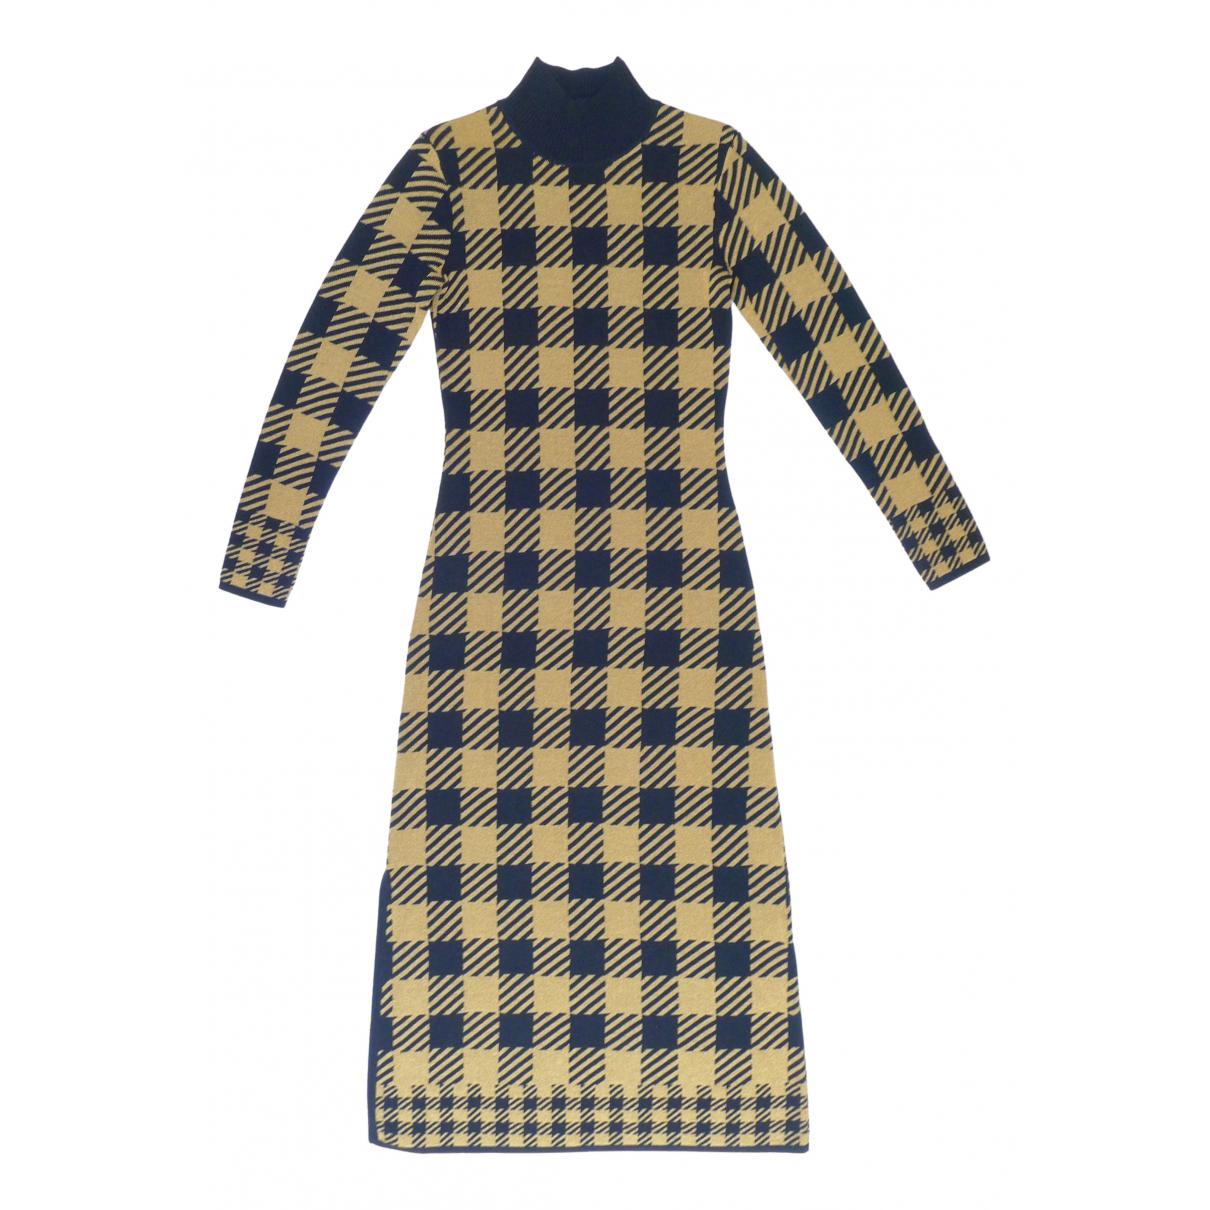 Temperley London \N Kleid in  Bunt Wolle